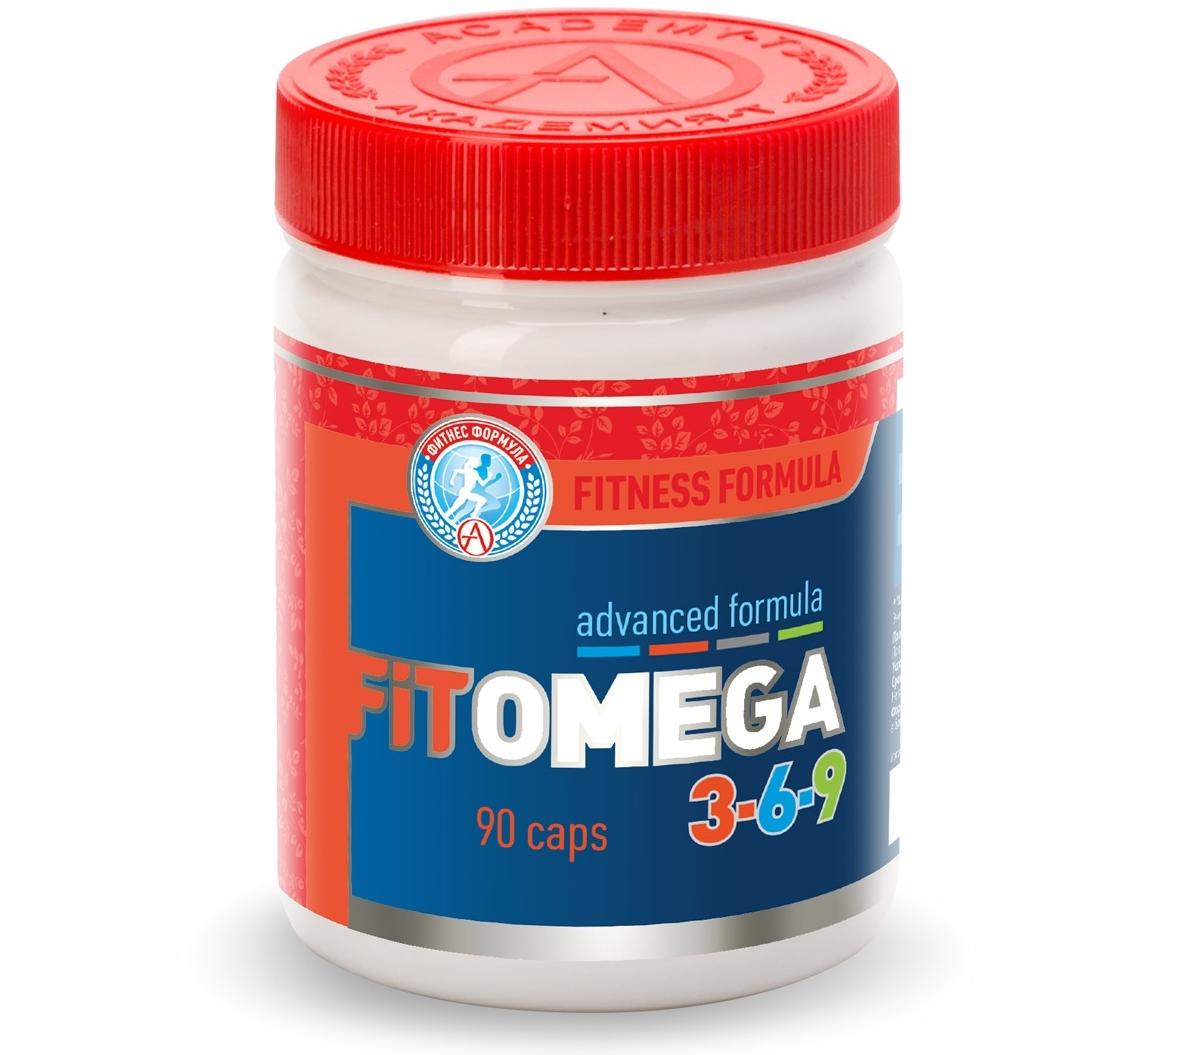 АКАДЕМИЯ-Т • Fit Omega 3-6-9 • 90 капс